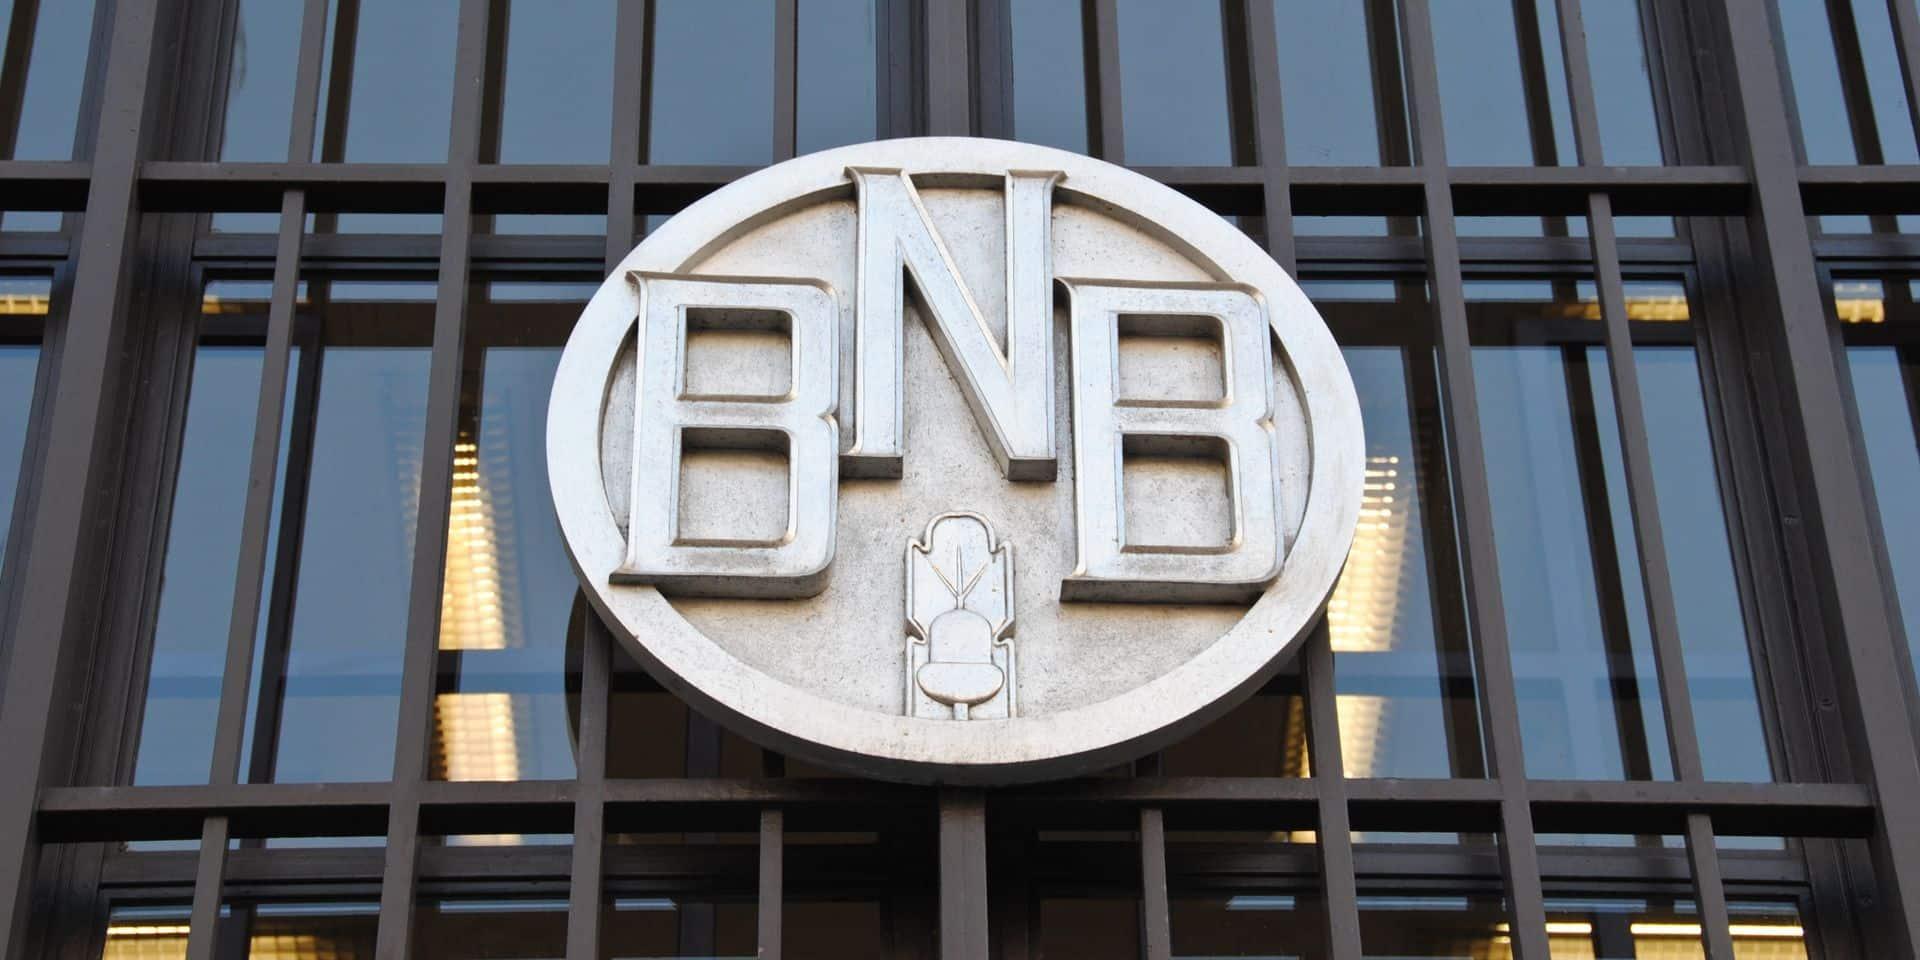 La banque Degroof Petercam est visée par une enquête de la BNB pour blanchiment d'argent